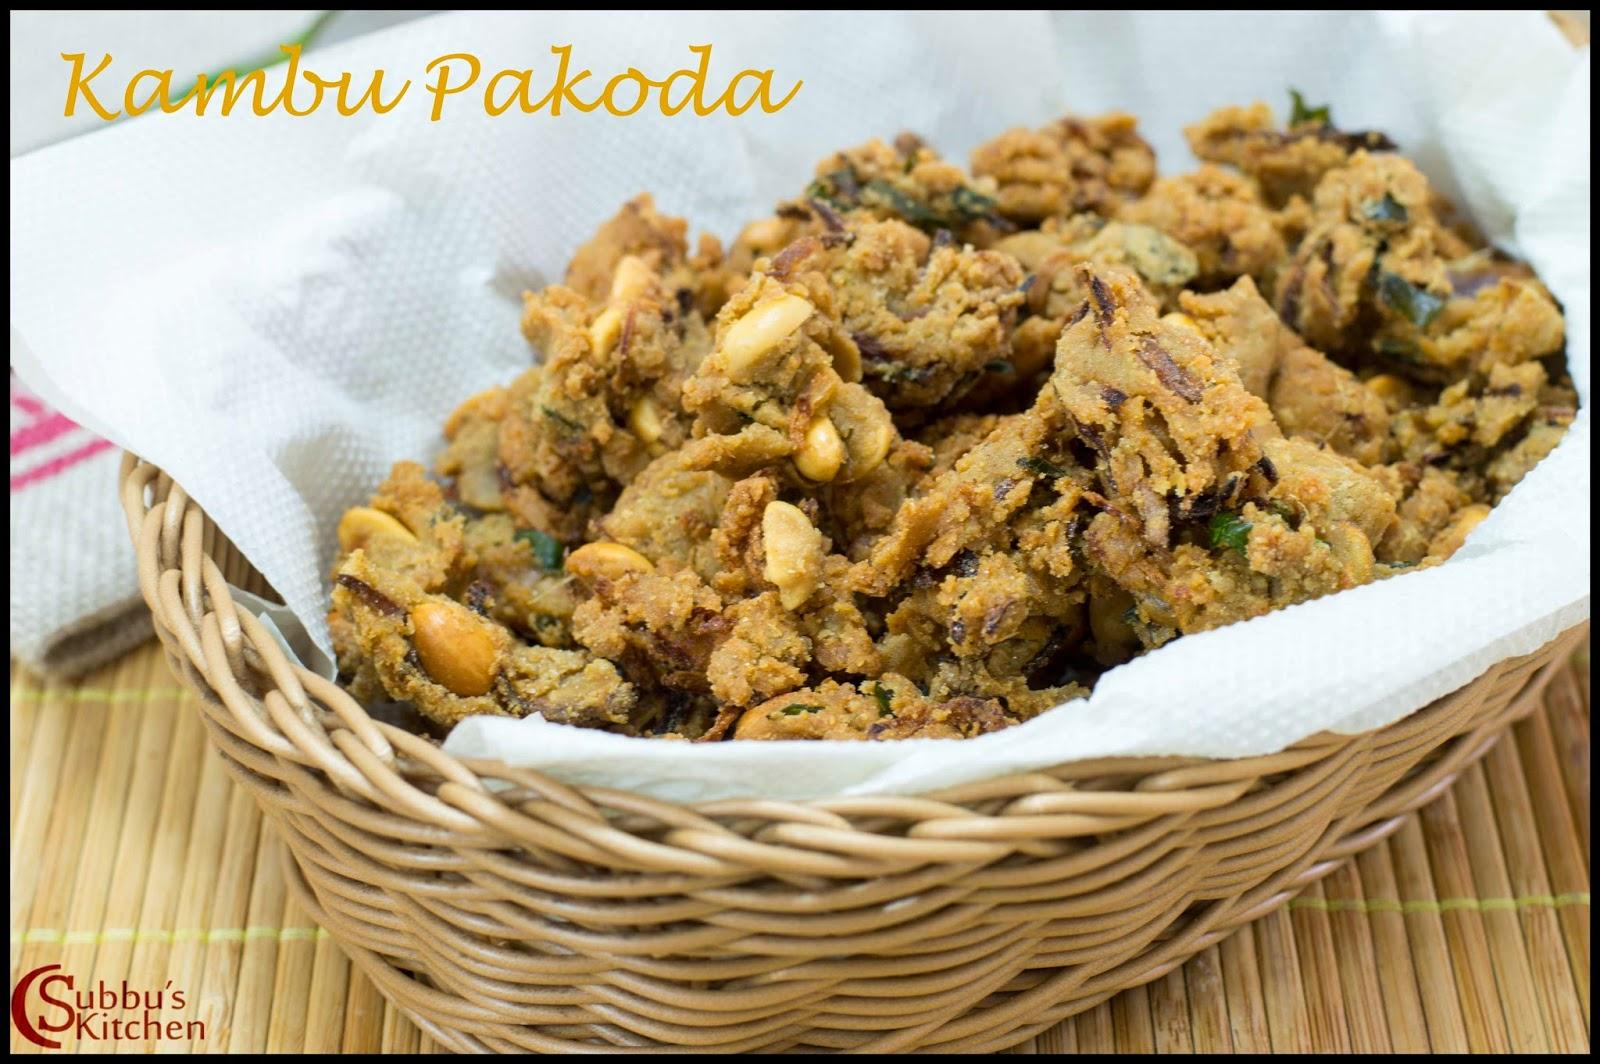 Kambu Pakoda Recipe | Onion Pakoda using Kambu Flour